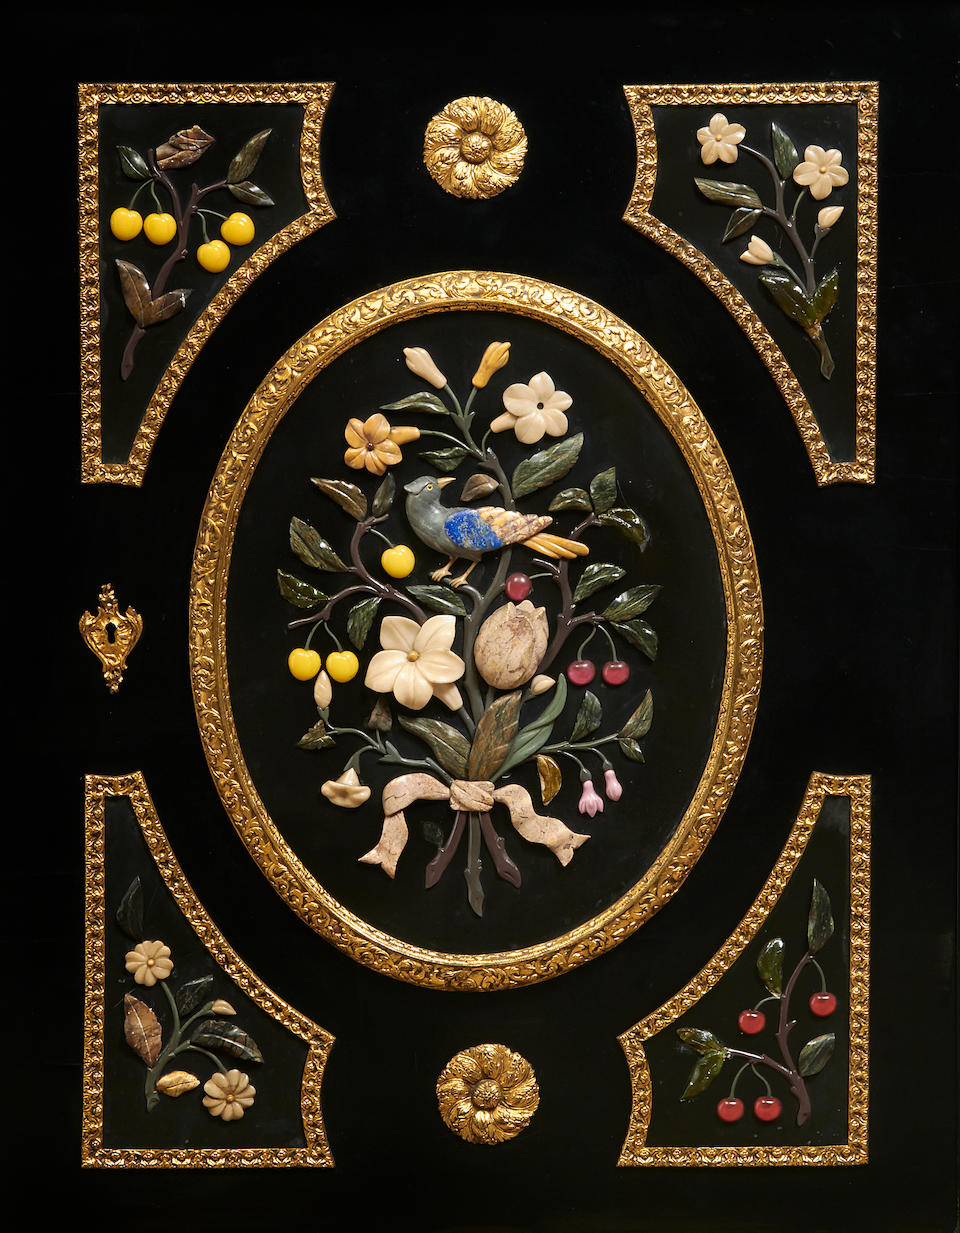 An imposing Napoleon III gilt bronze mounted and polished hardstone ebonized cabinet third quarter 19th century